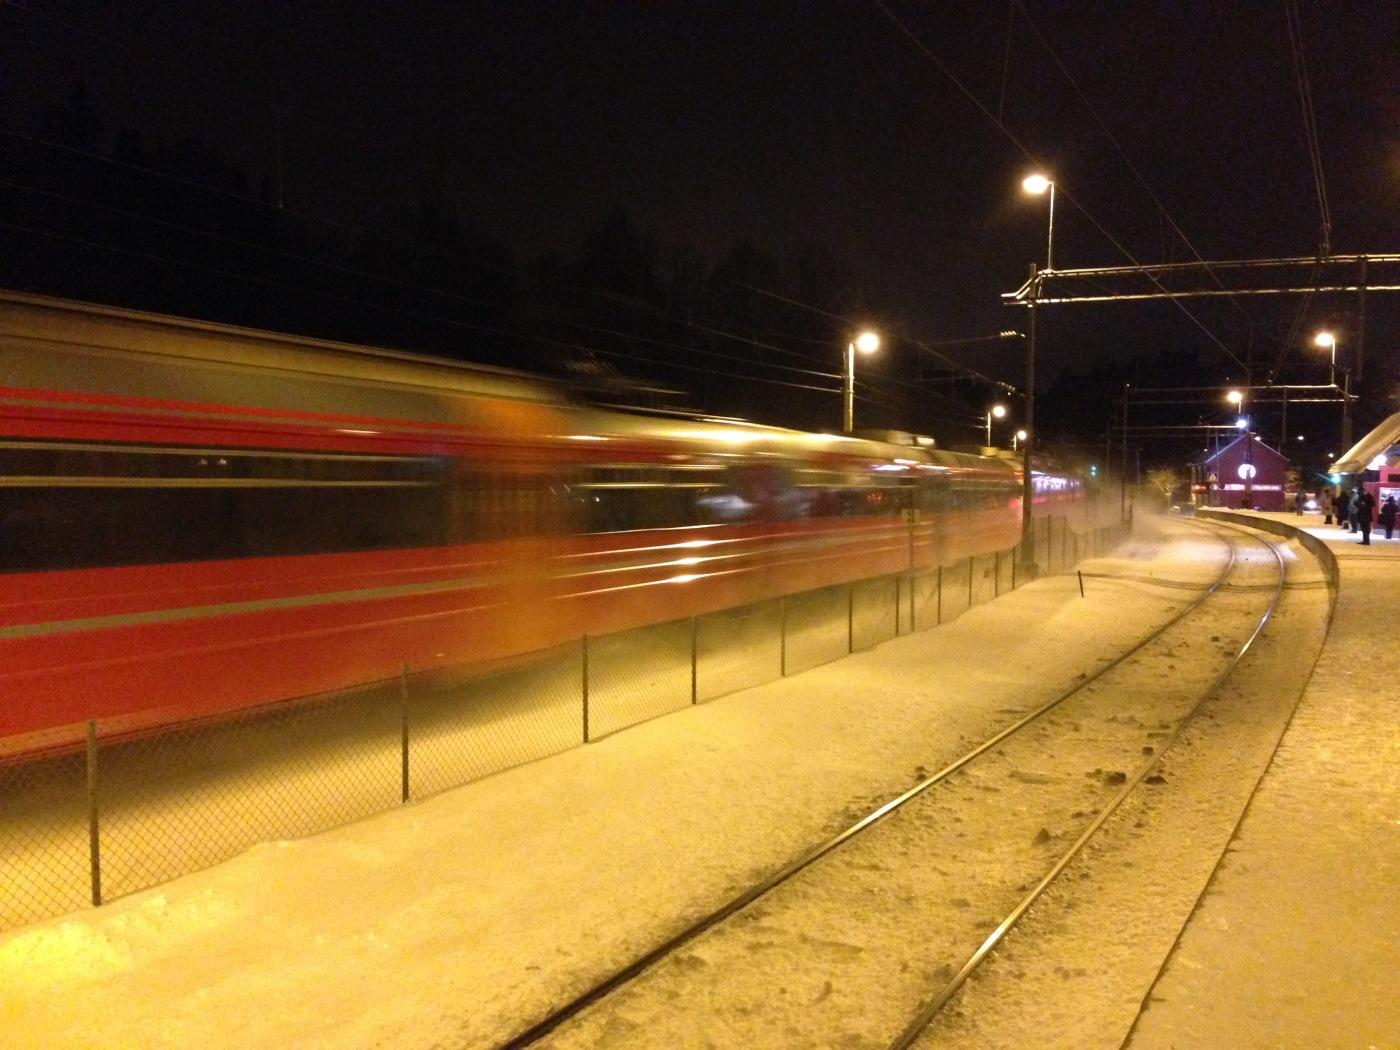 Bilde av tog og skinner